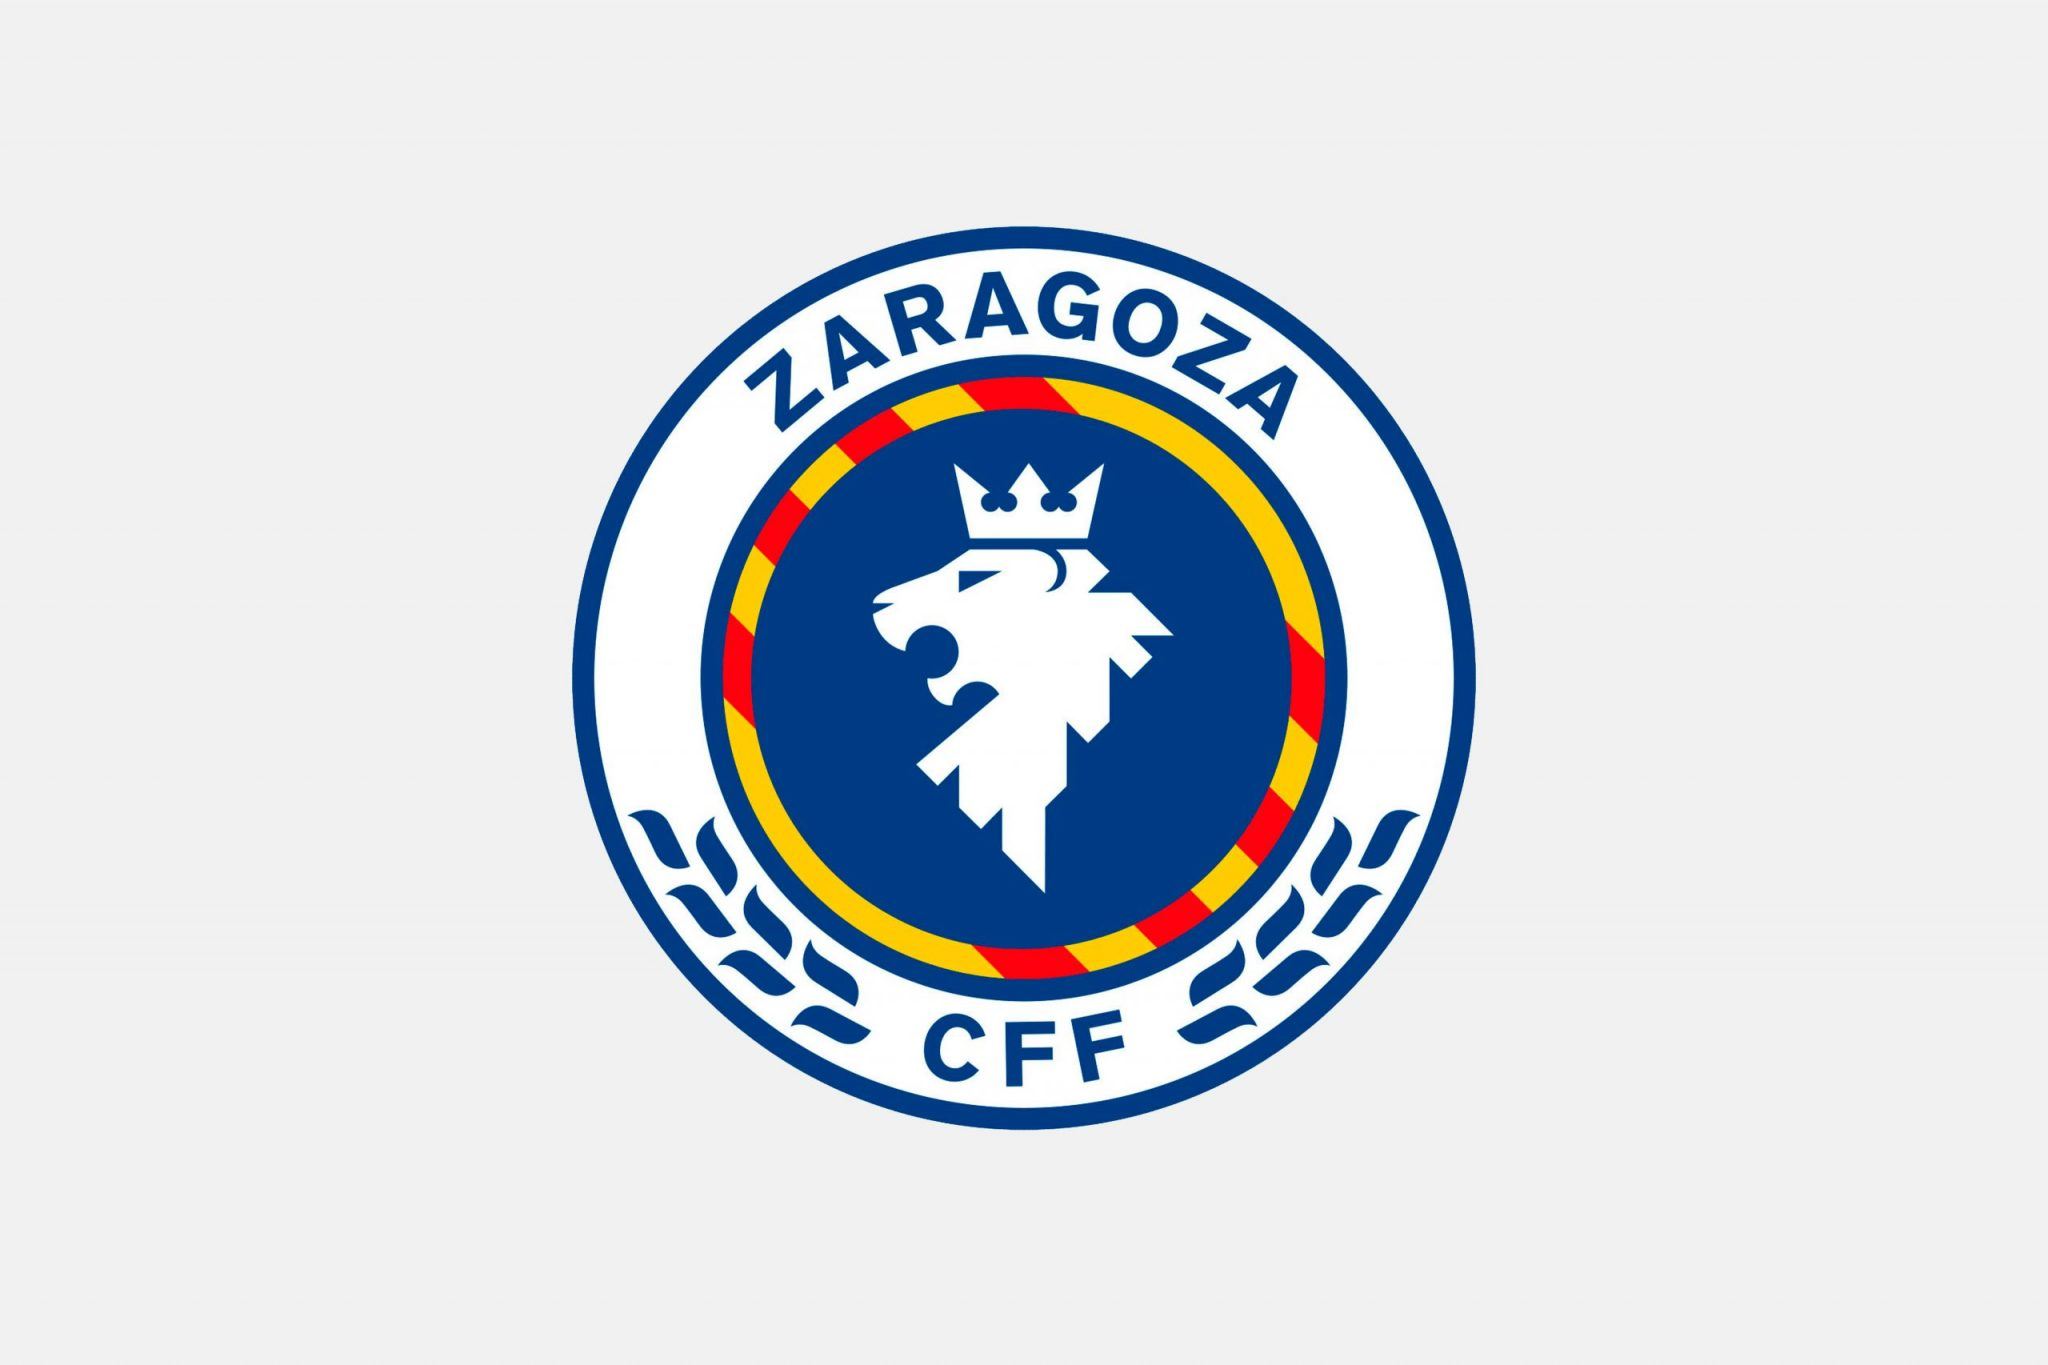 Escudo Zaragoza CFF